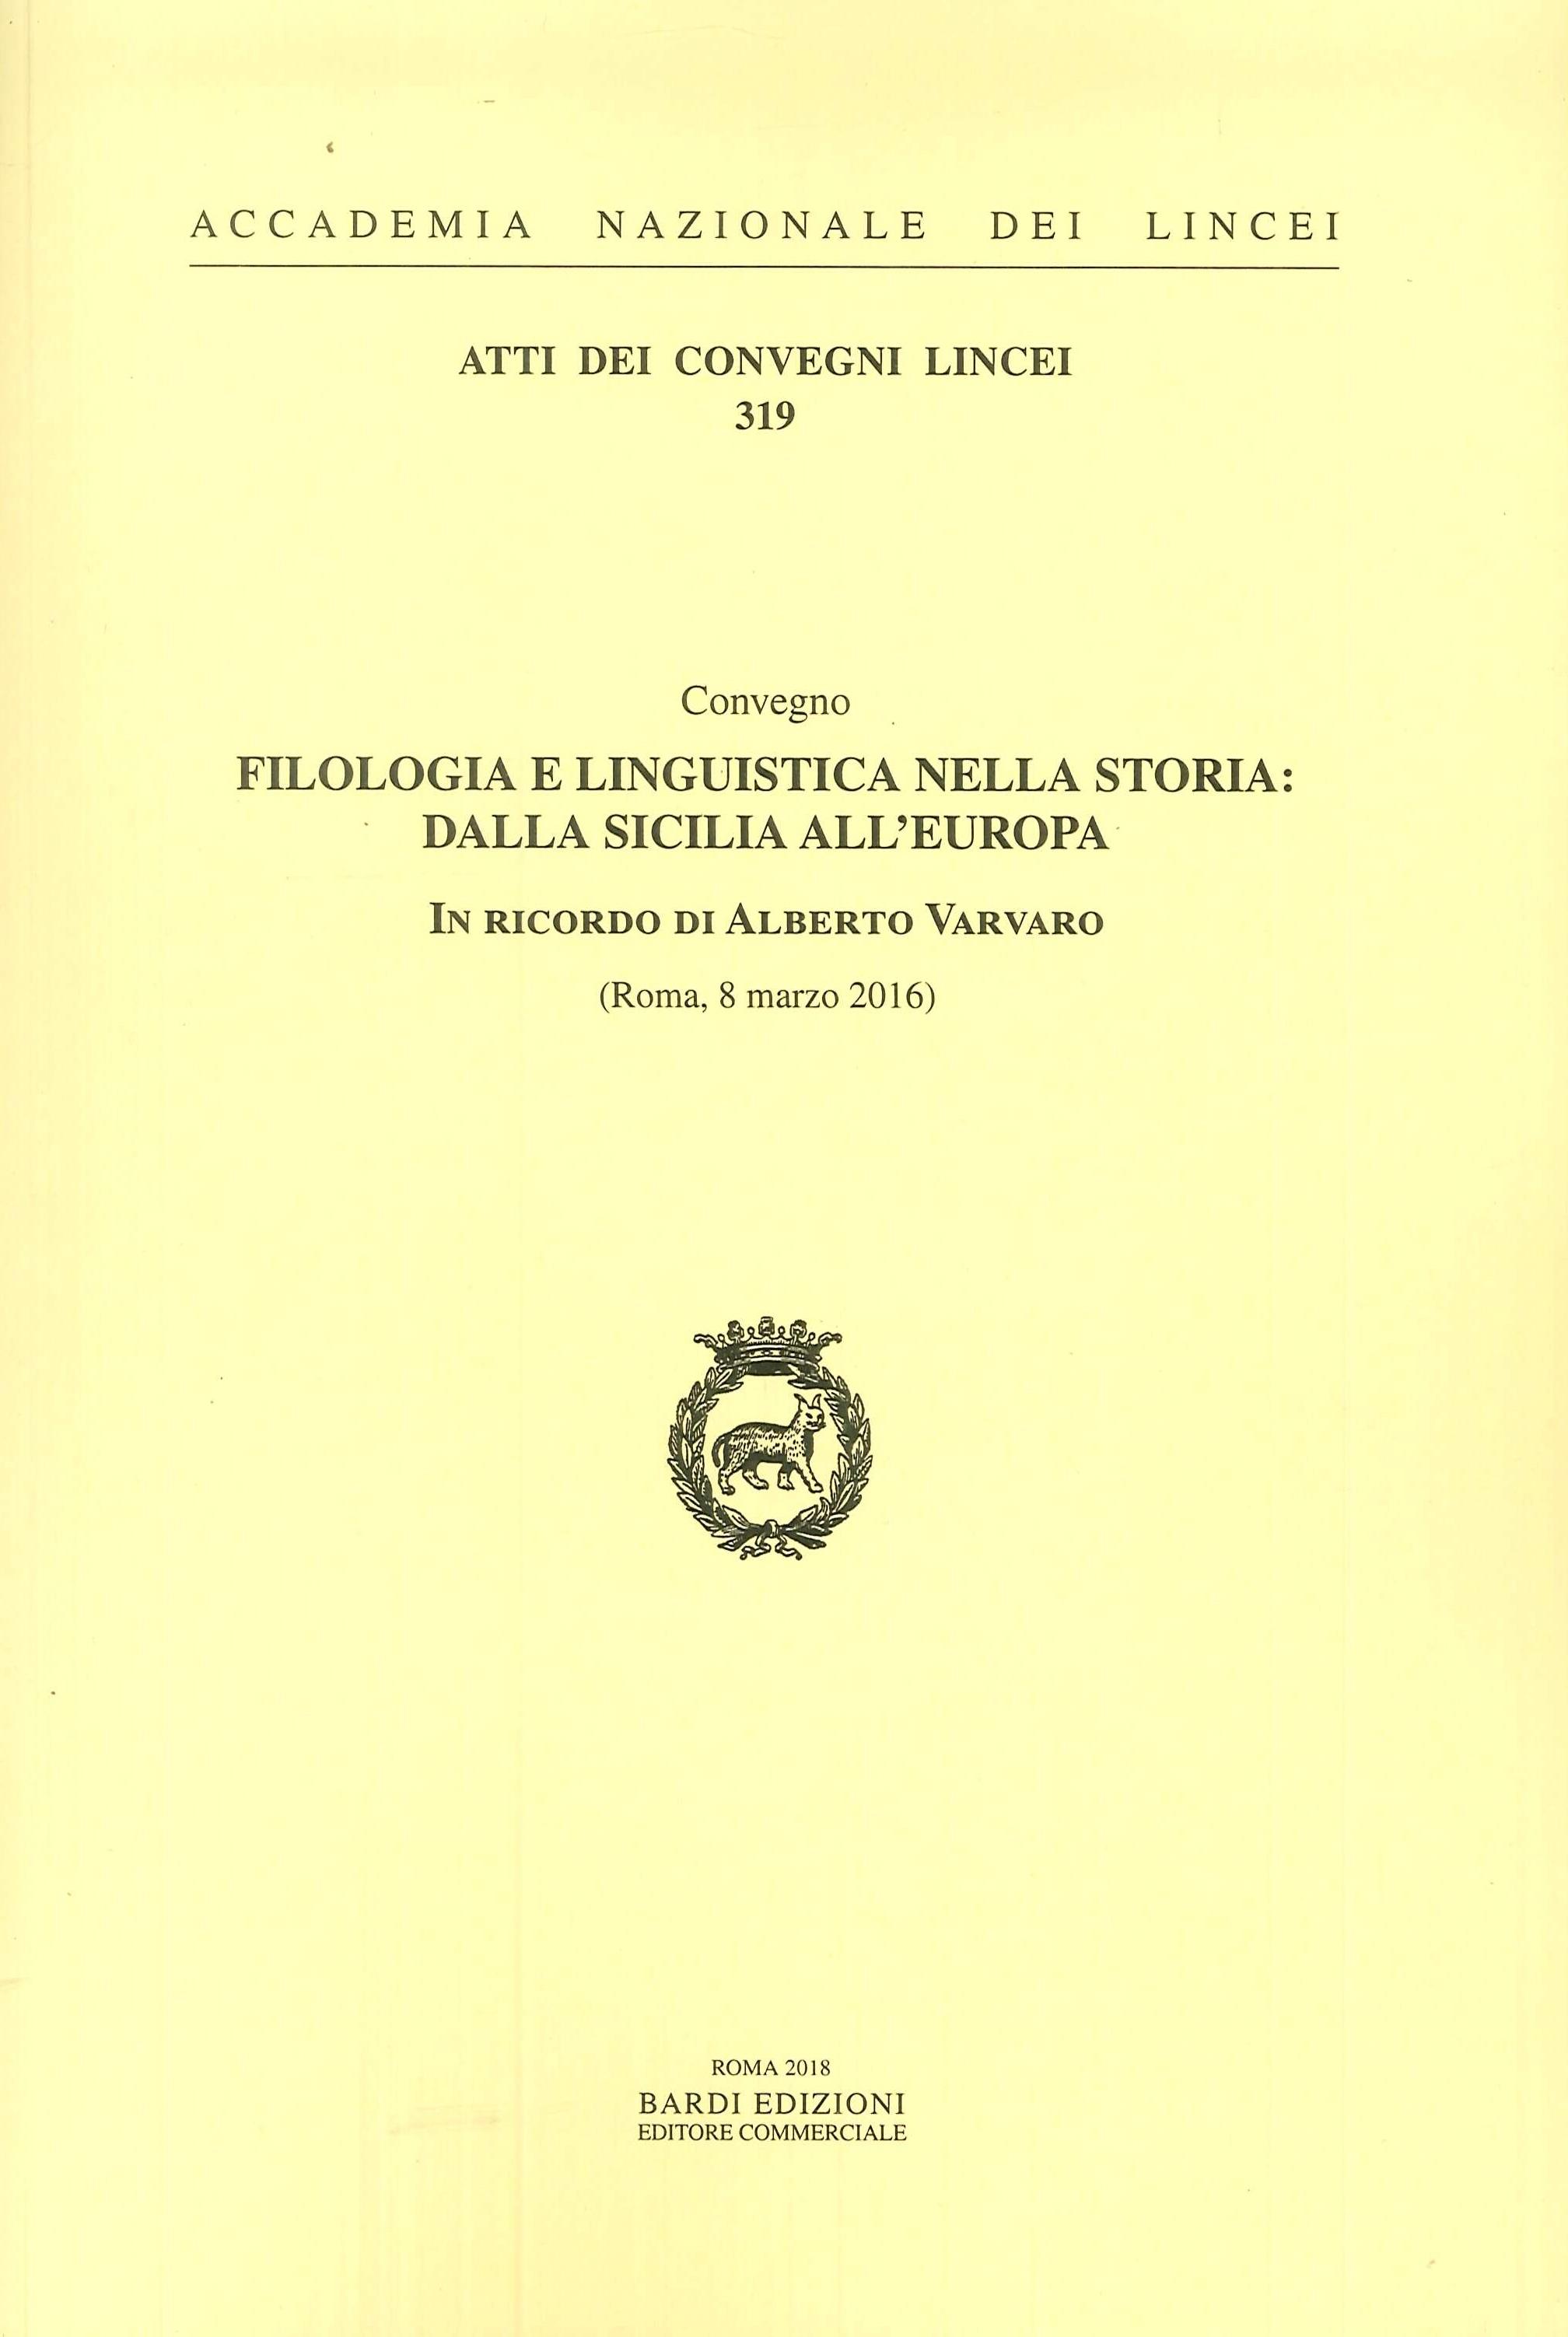 Filologia e Linguistica nella Storia. Dalla Sicilia all'Europa. Convegno in Ricordo di Alberto Varvaro (Roma, 8 marzo 2016)